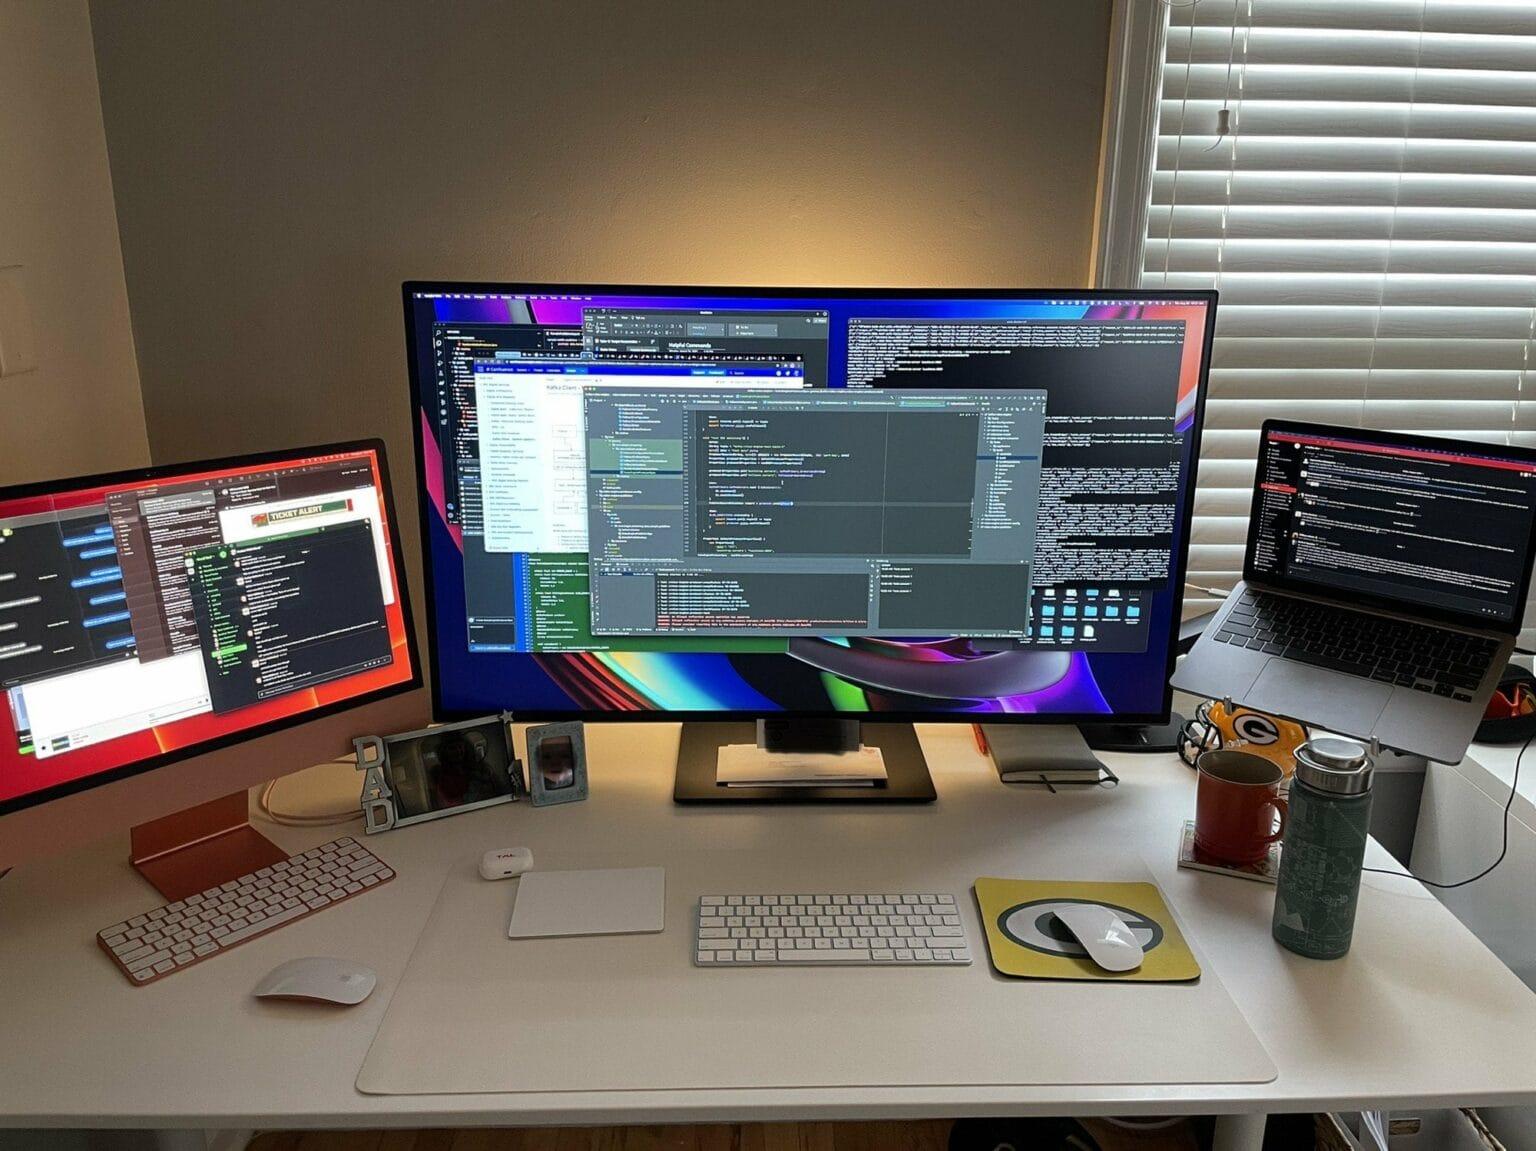 iMac and MacBook Pro, check. Massive display, check. Le Creuset mug, check.